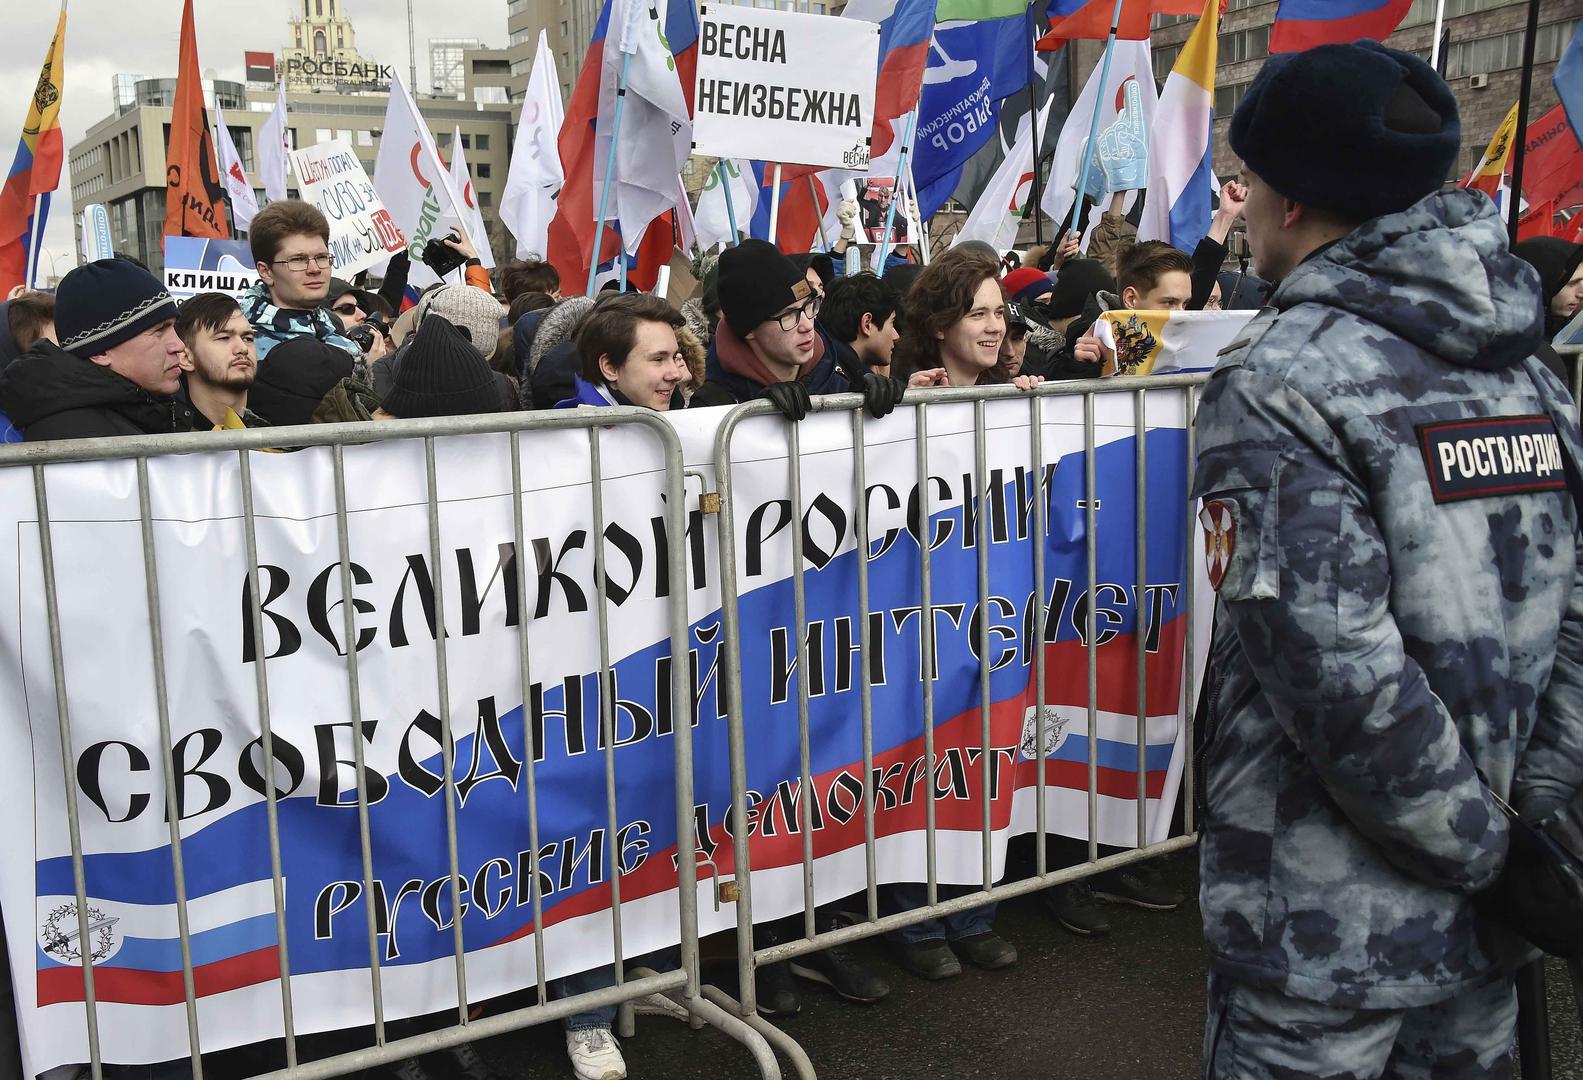 Протест против изоляции Рунета (российского интернета) в Москве 10 марта 2019.